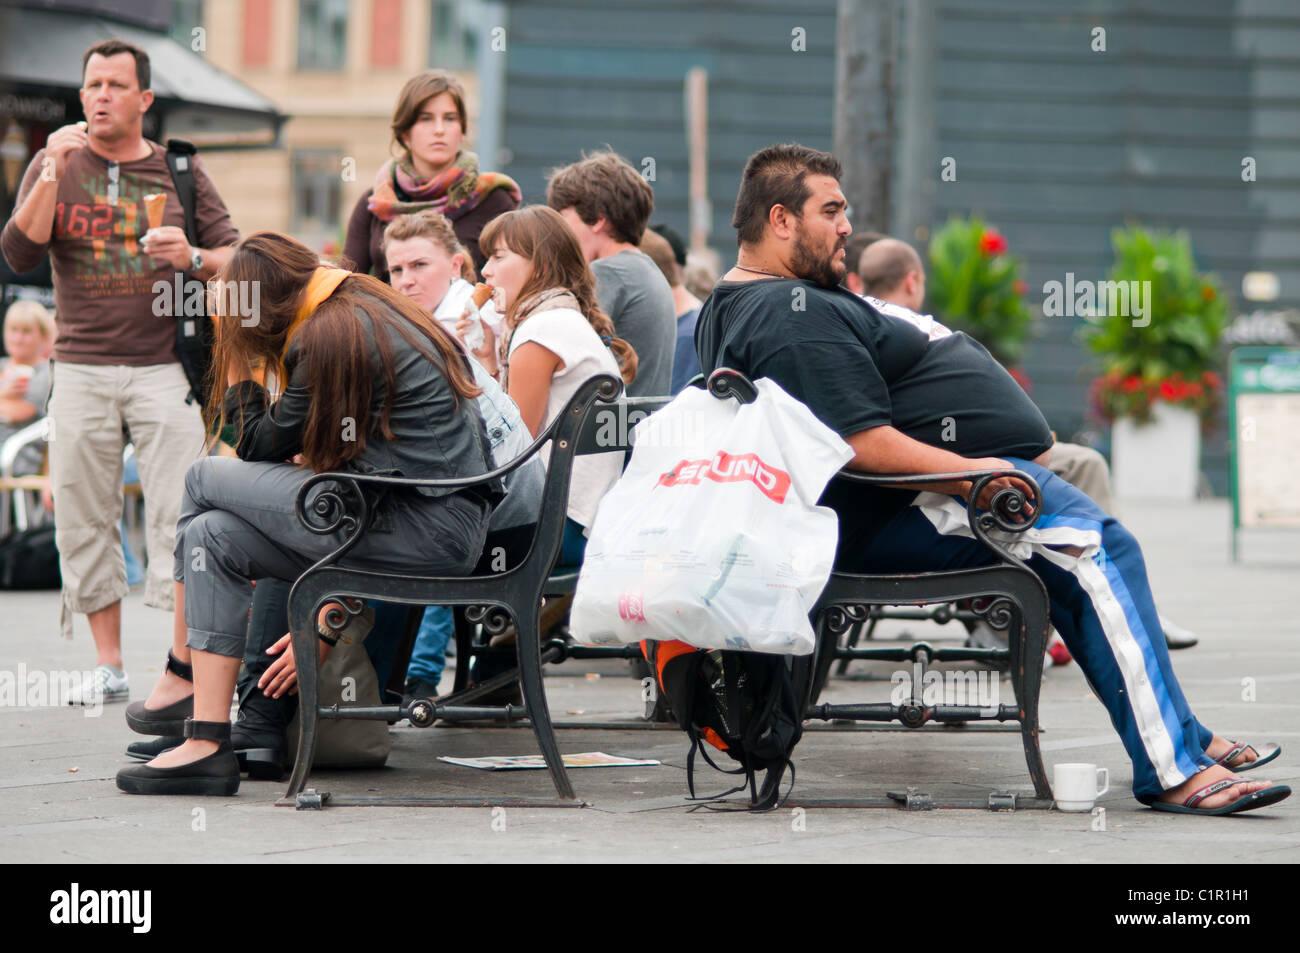 Extremadamente fat man descansa sobre un banco de trabajo. Slim adolescentes en el otro lado Imagen De Stock